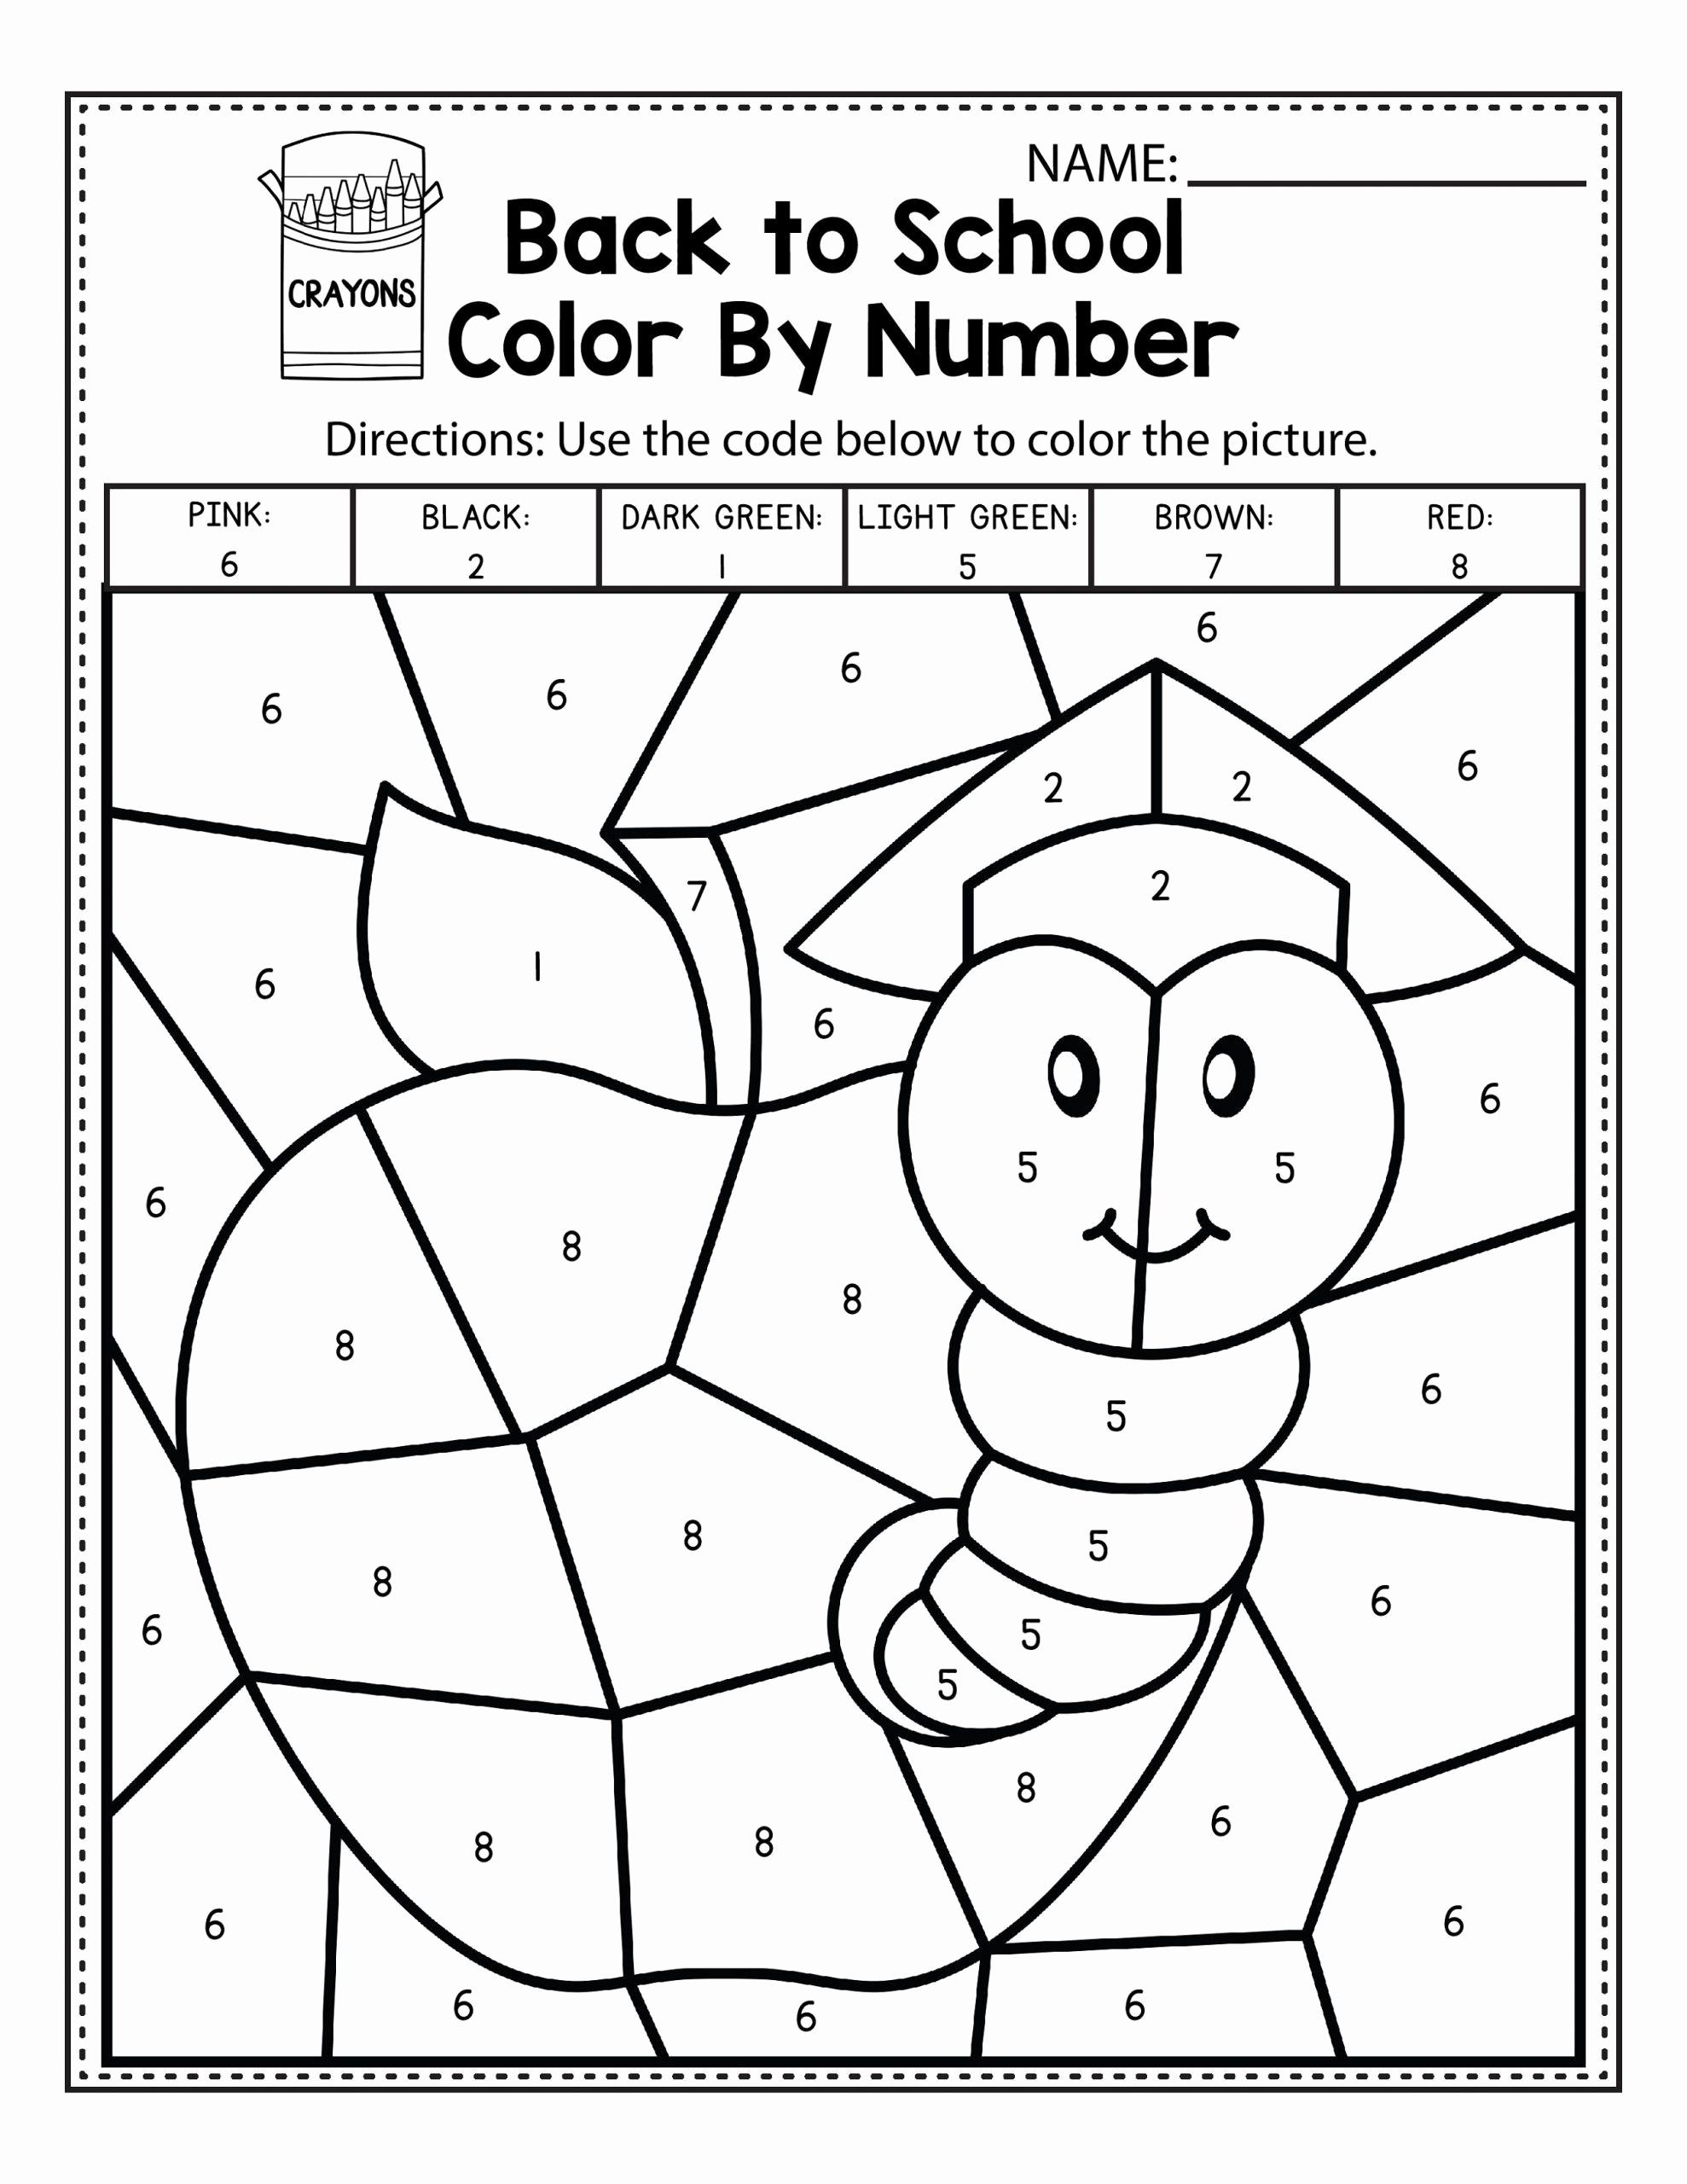 Color by Number Worksheets Kindergarten Fresh Easy Color by Number Worksheets for Kindergarten